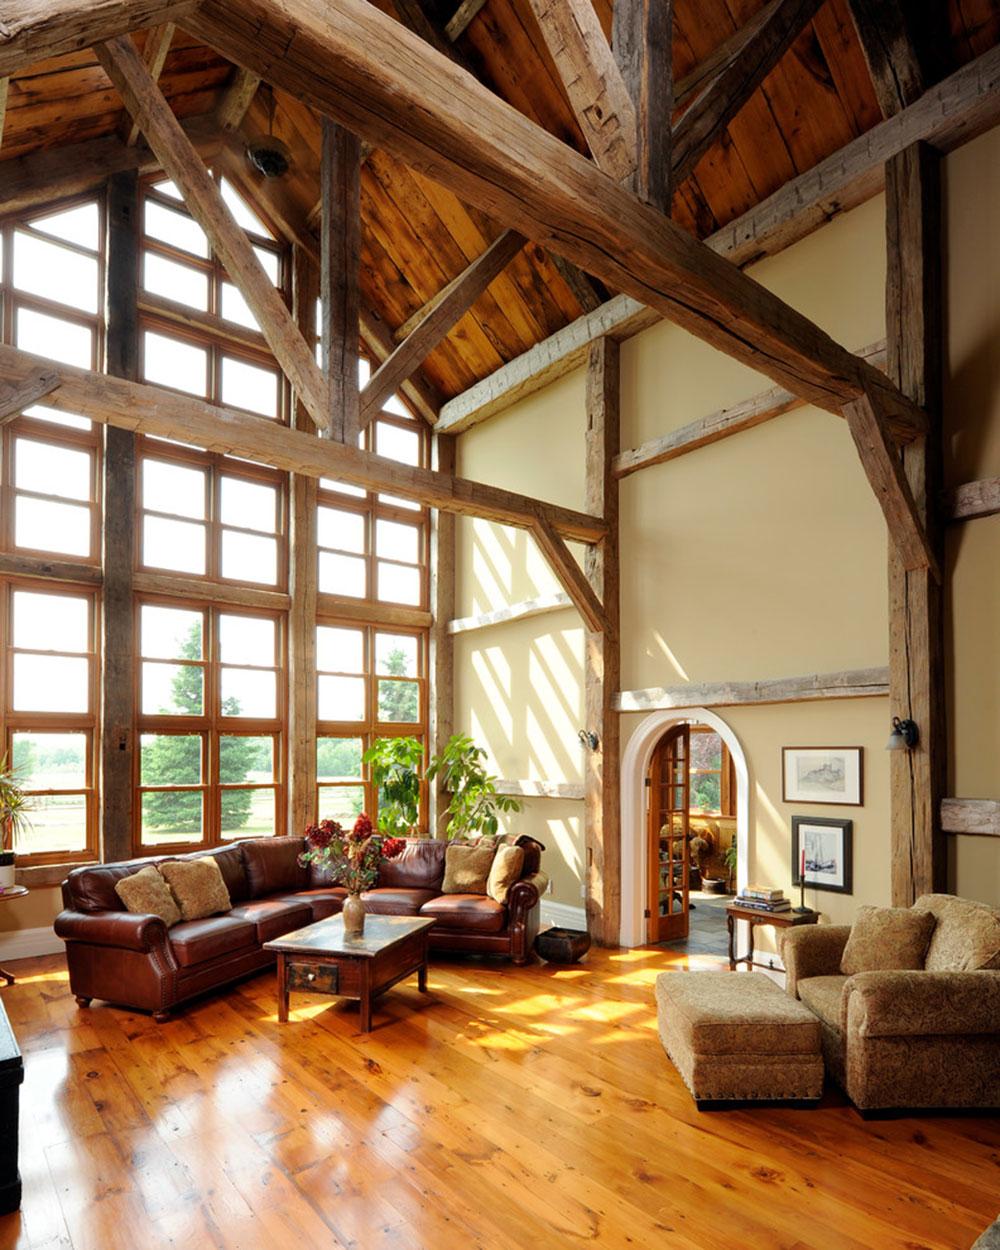 Floor-to-Ceiling Window Design Ideas10 Floor-to-Ceiling Window Design Ideas